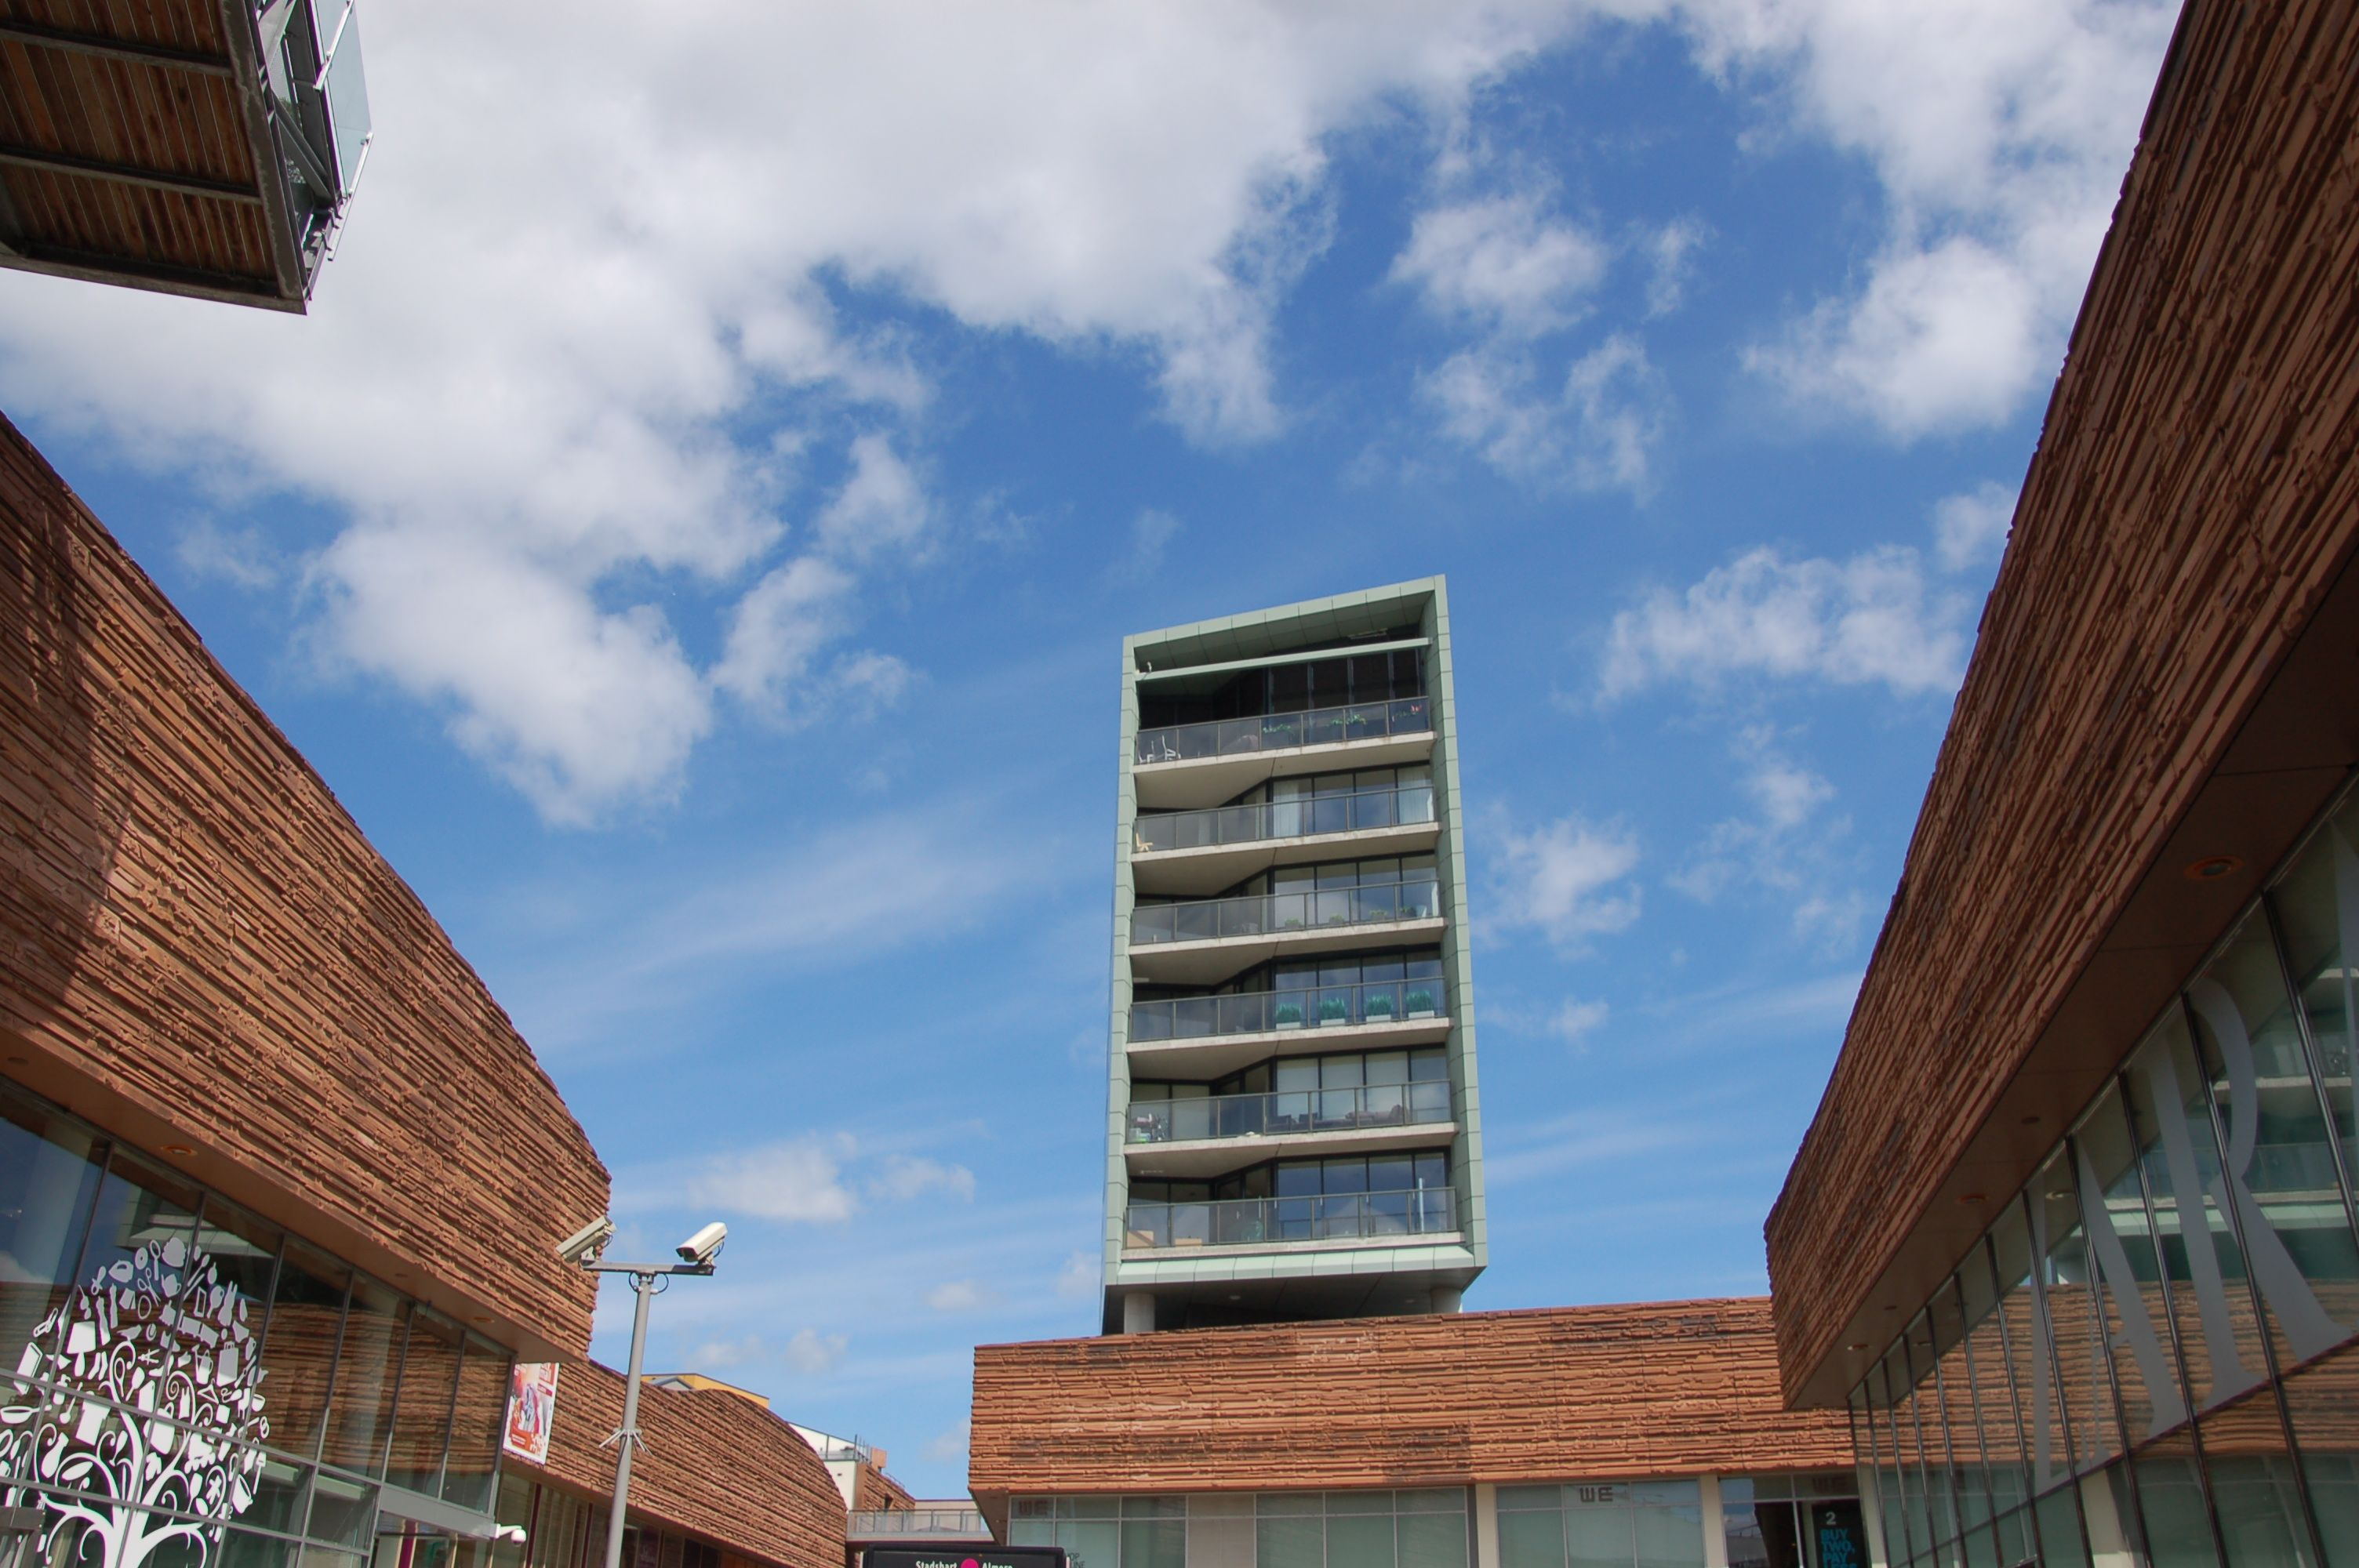 Ein vertikaler Solitär mit Appartements überragt die vertikale Mall (Bild: Ralf Johnen)